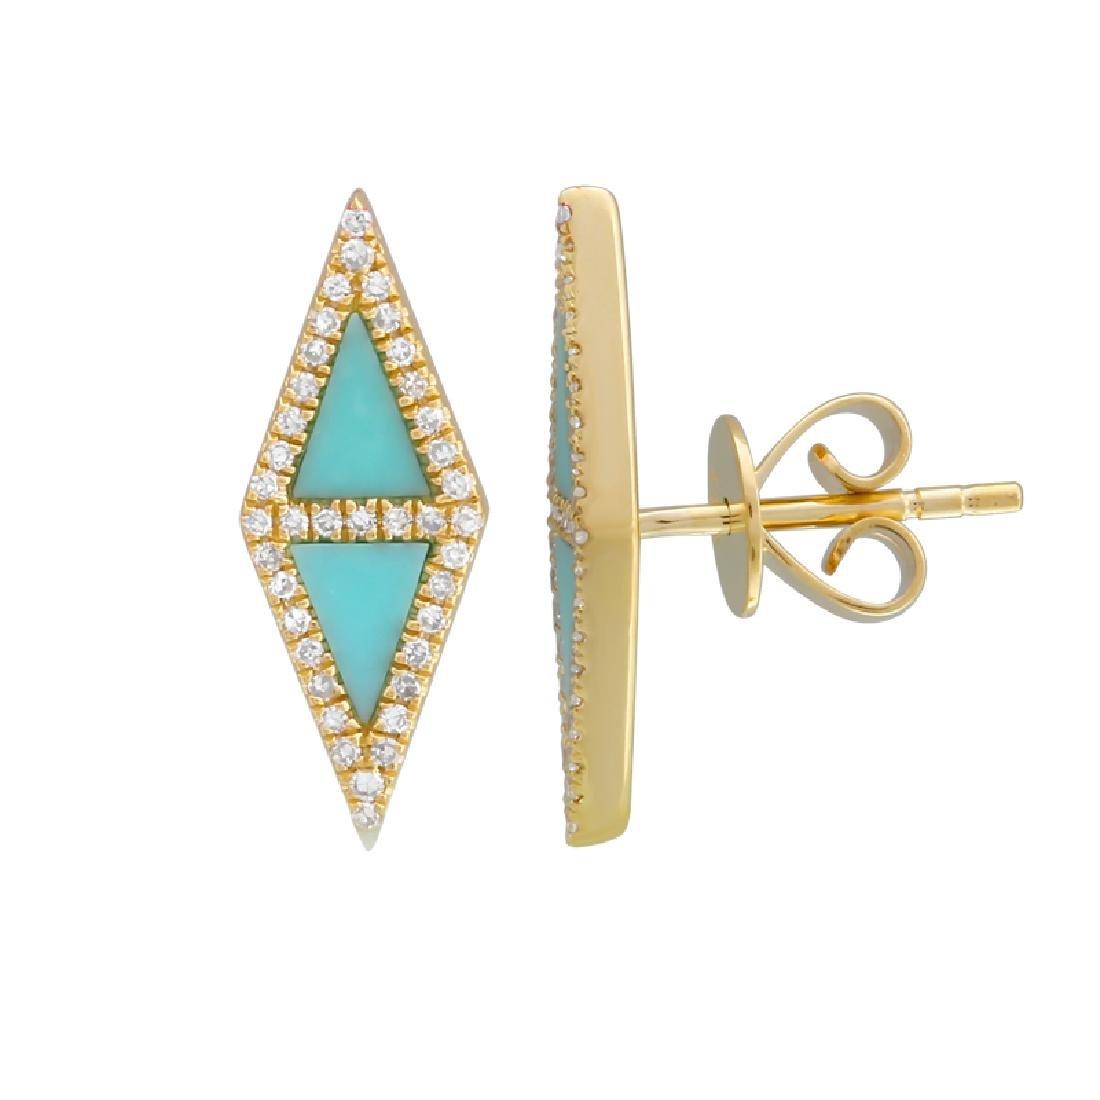 14KT White Gold Gemstone Earrings